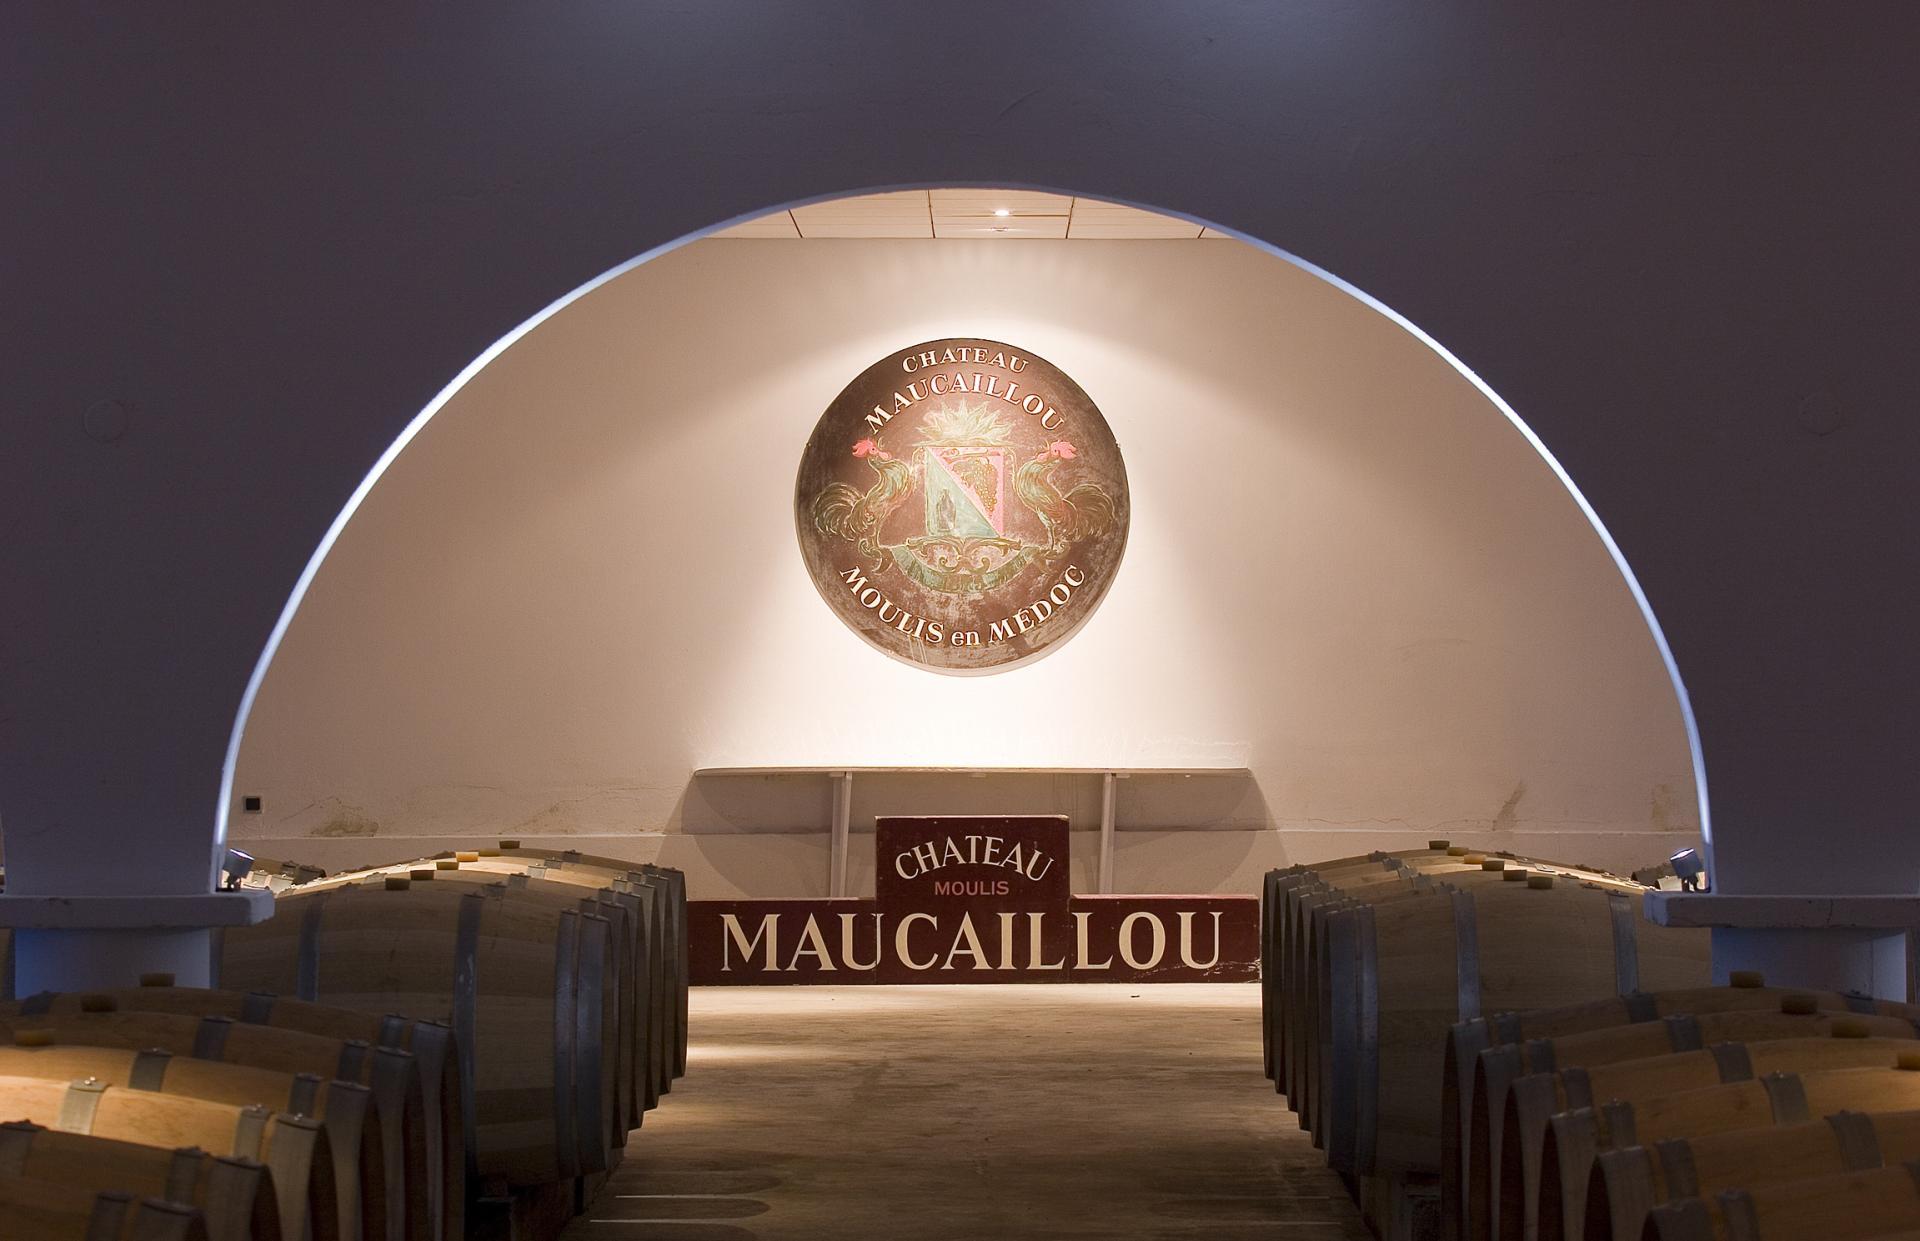 chteau maucaillou 2006 - Chateau Maucaillou Mariage